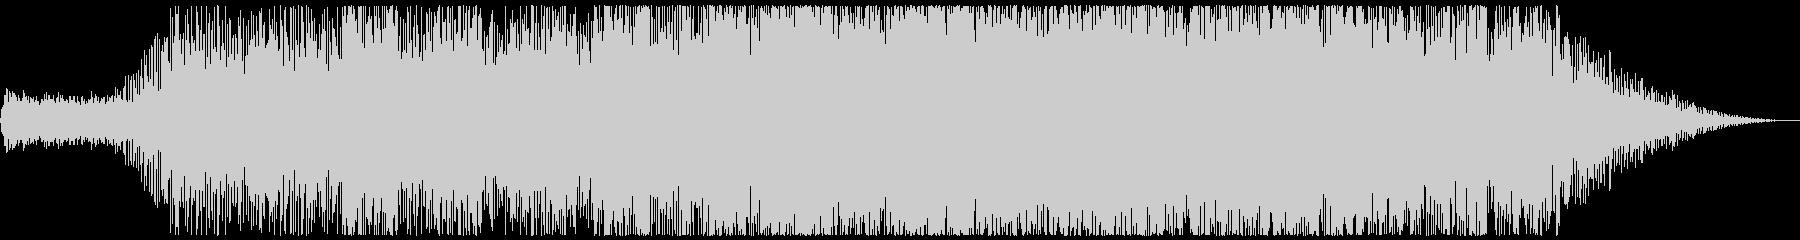 成層圏を浮遊するイメージの未再生の波形